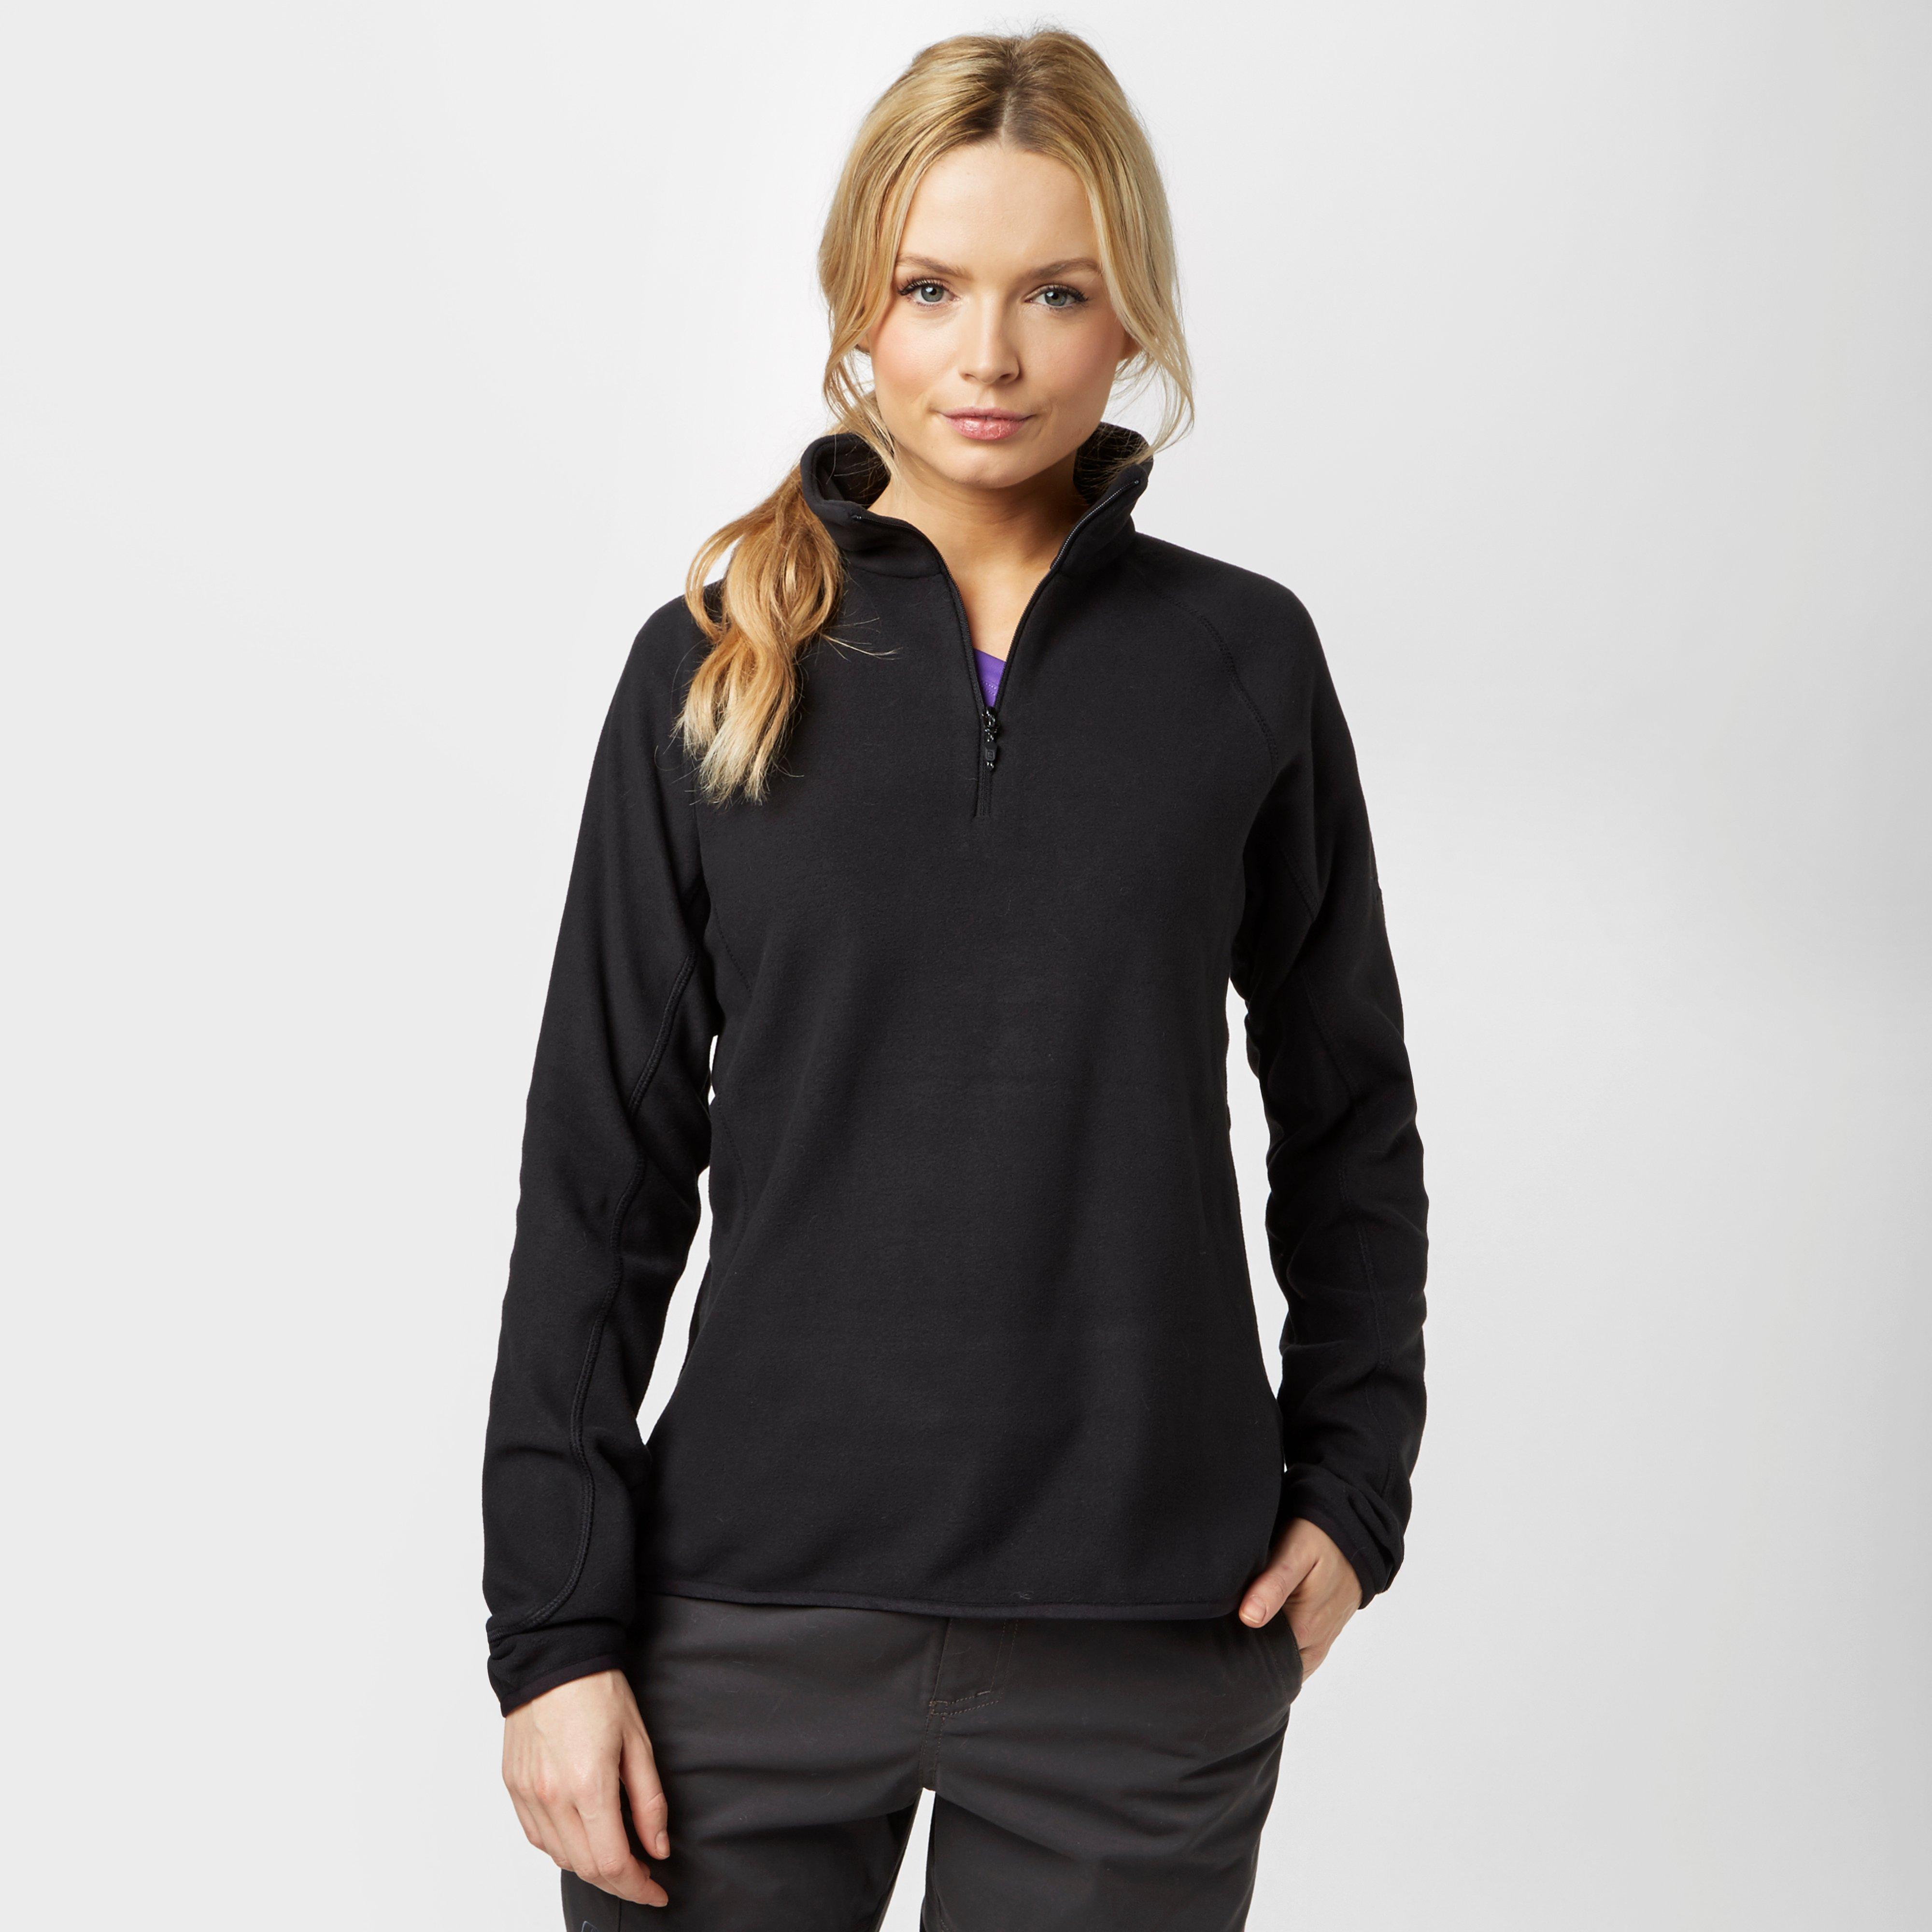 Berghaus Women's Hartsop Half-Zip Fleece - Black, Black